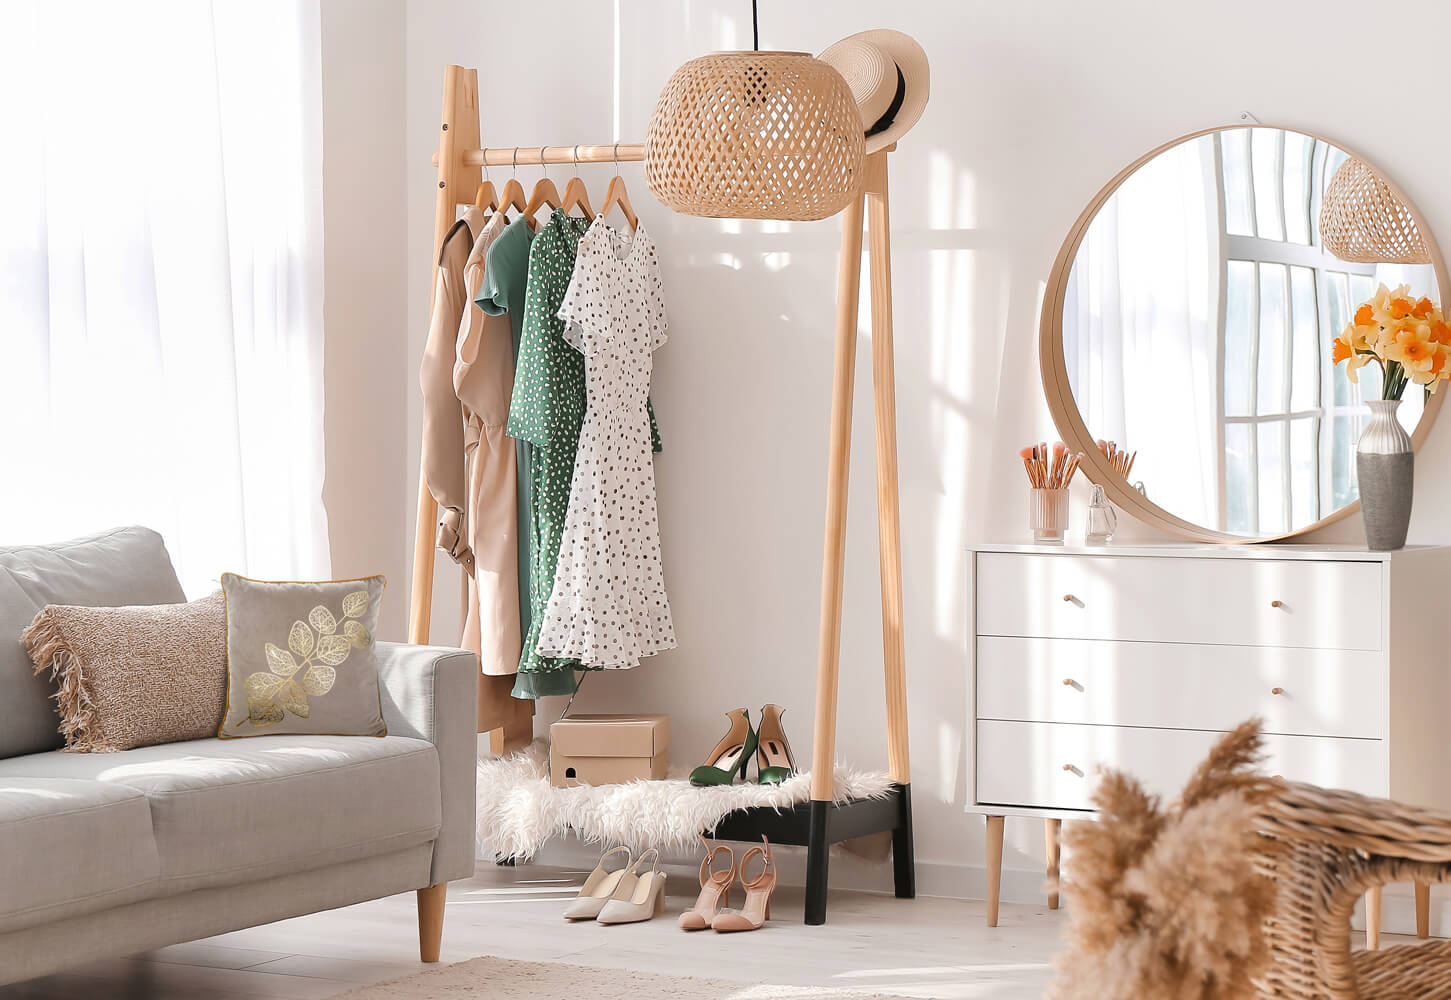 5 pomysłów na garderobę. Jak urządzić garderobę w małym pokoju?